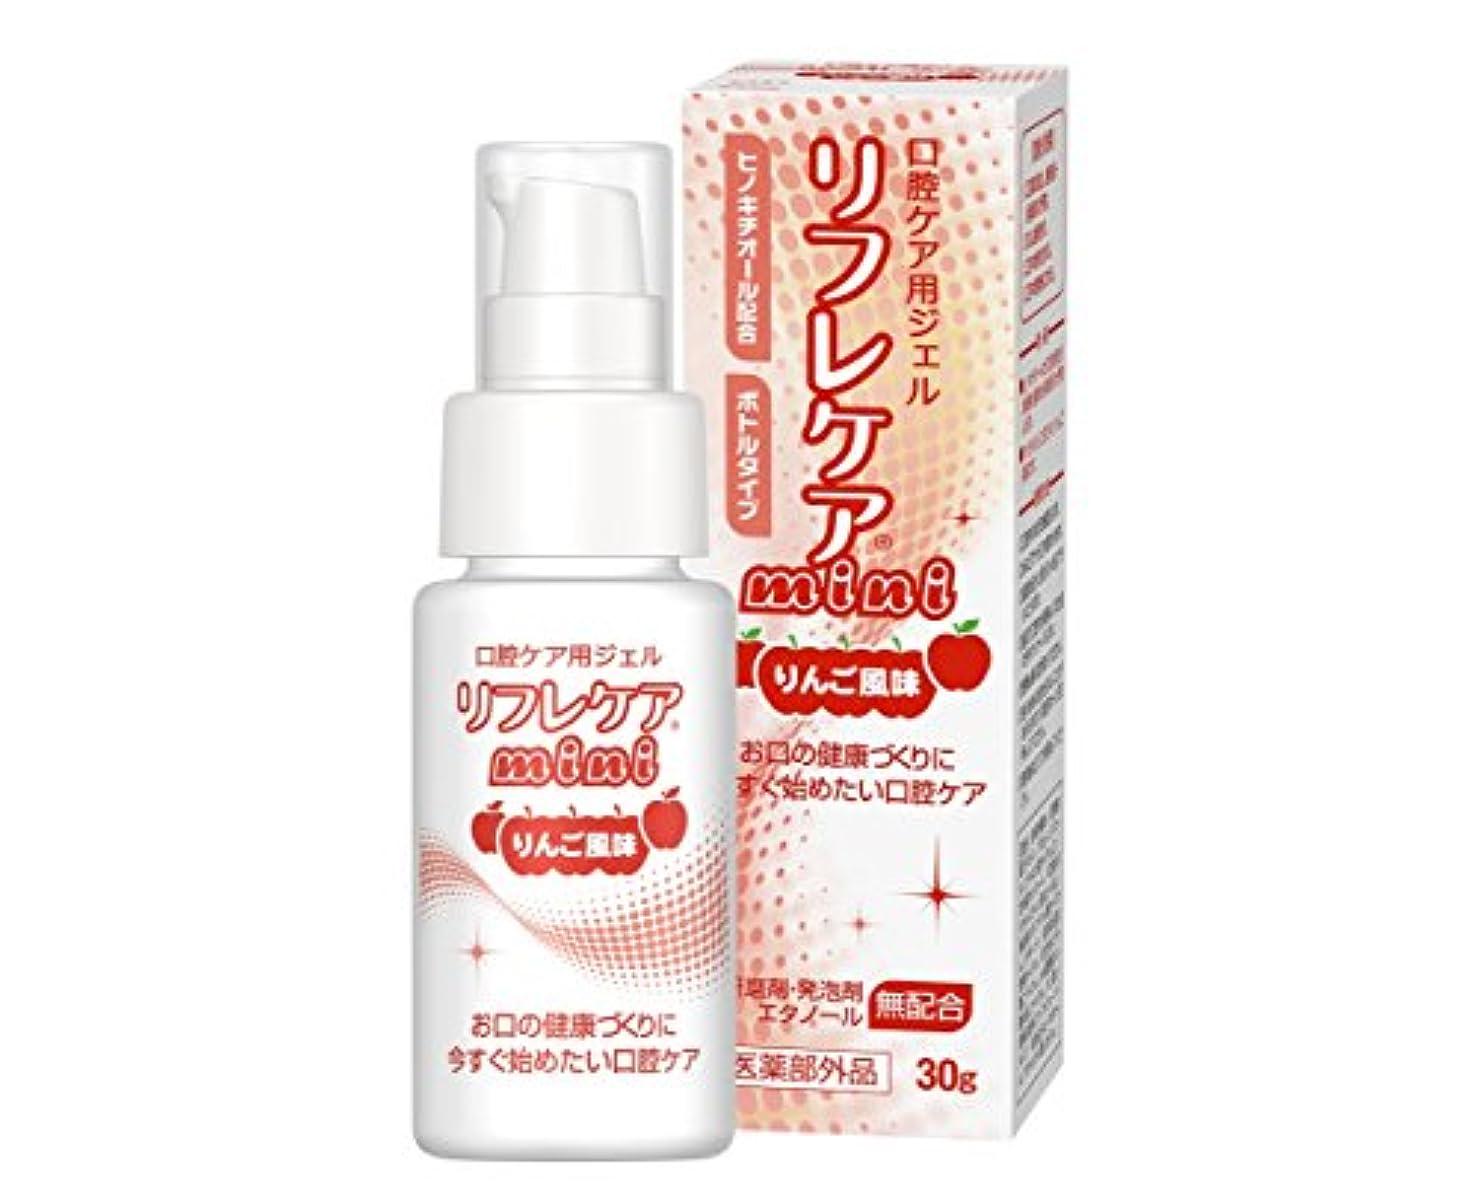 シンプトン乳花リフレケアmini(りんご風味) 30g [医薬部外品]